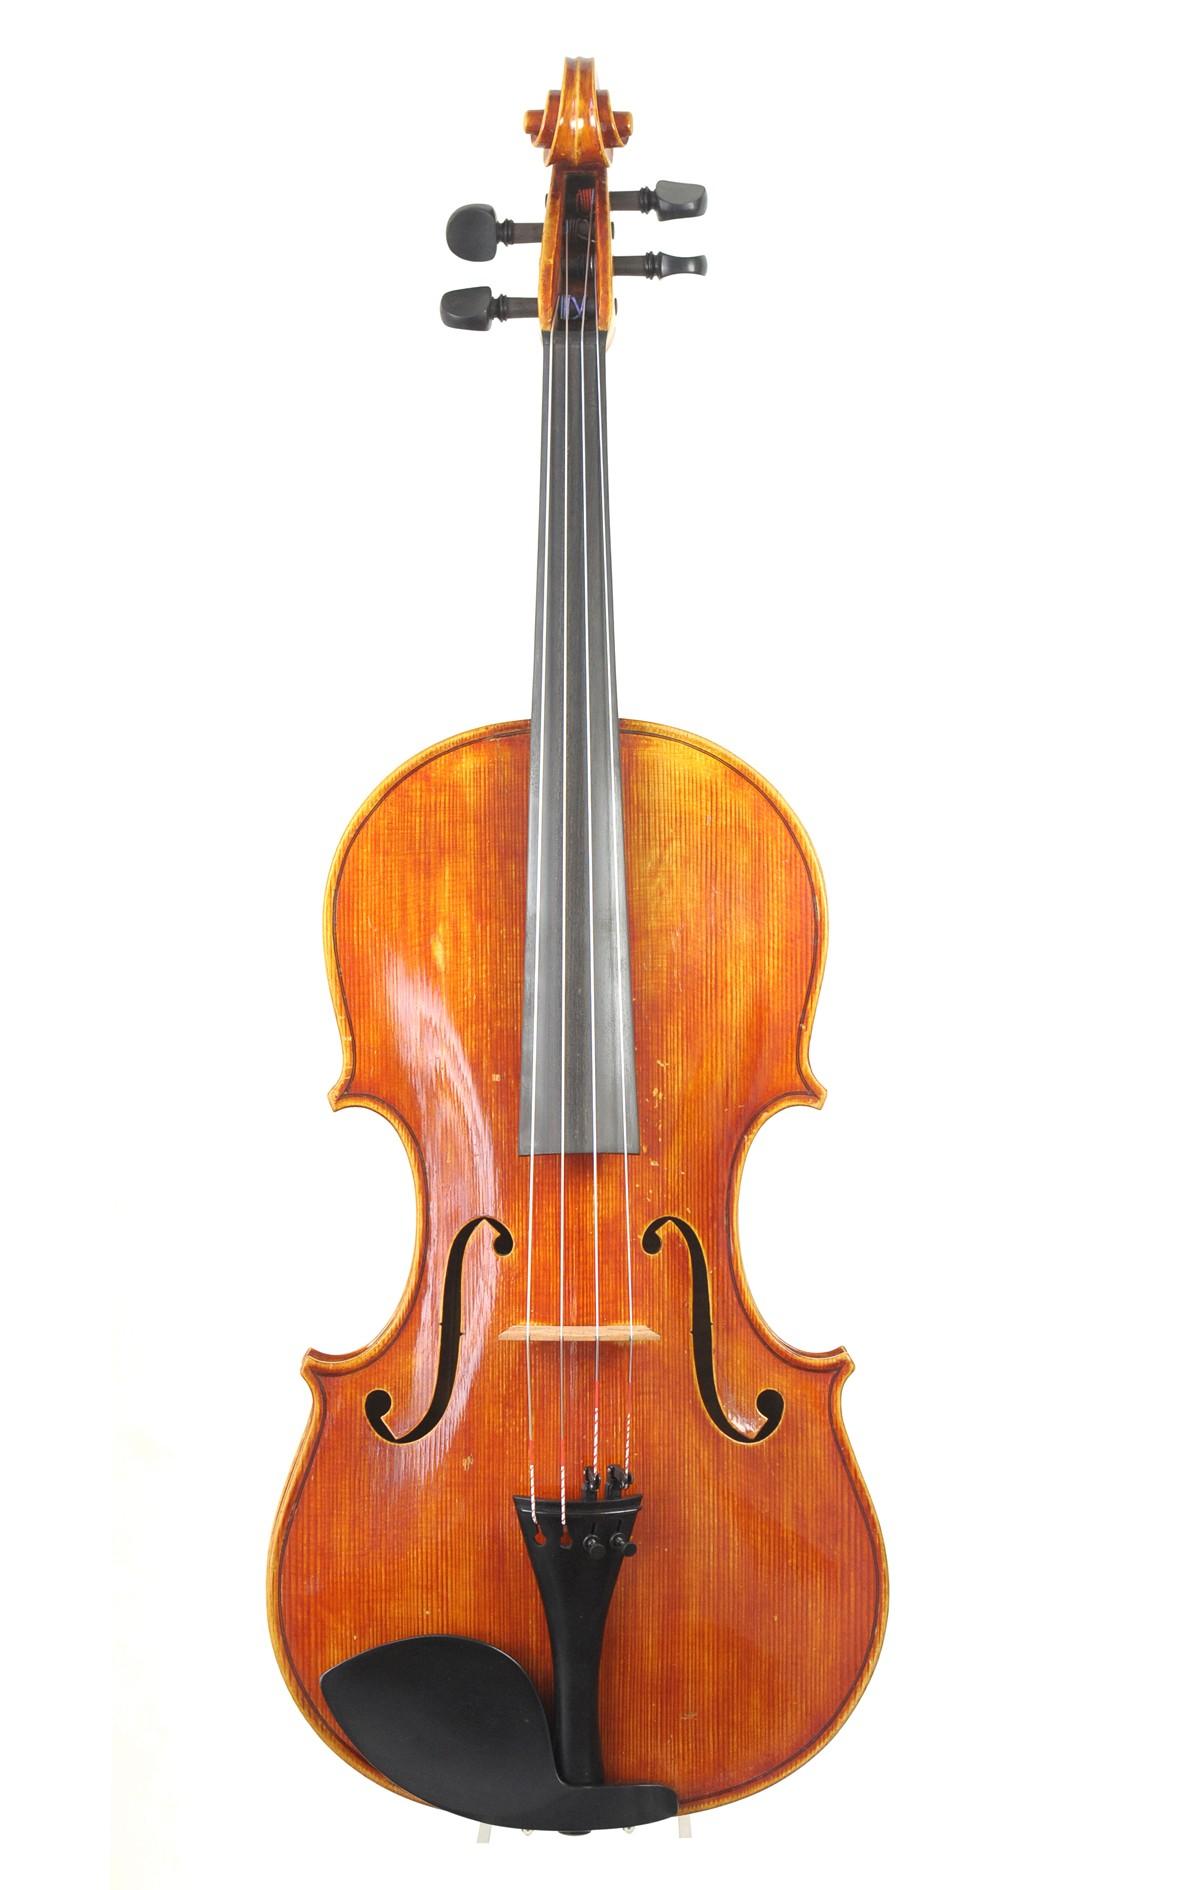 French viola by Jacques Camurat, Paris